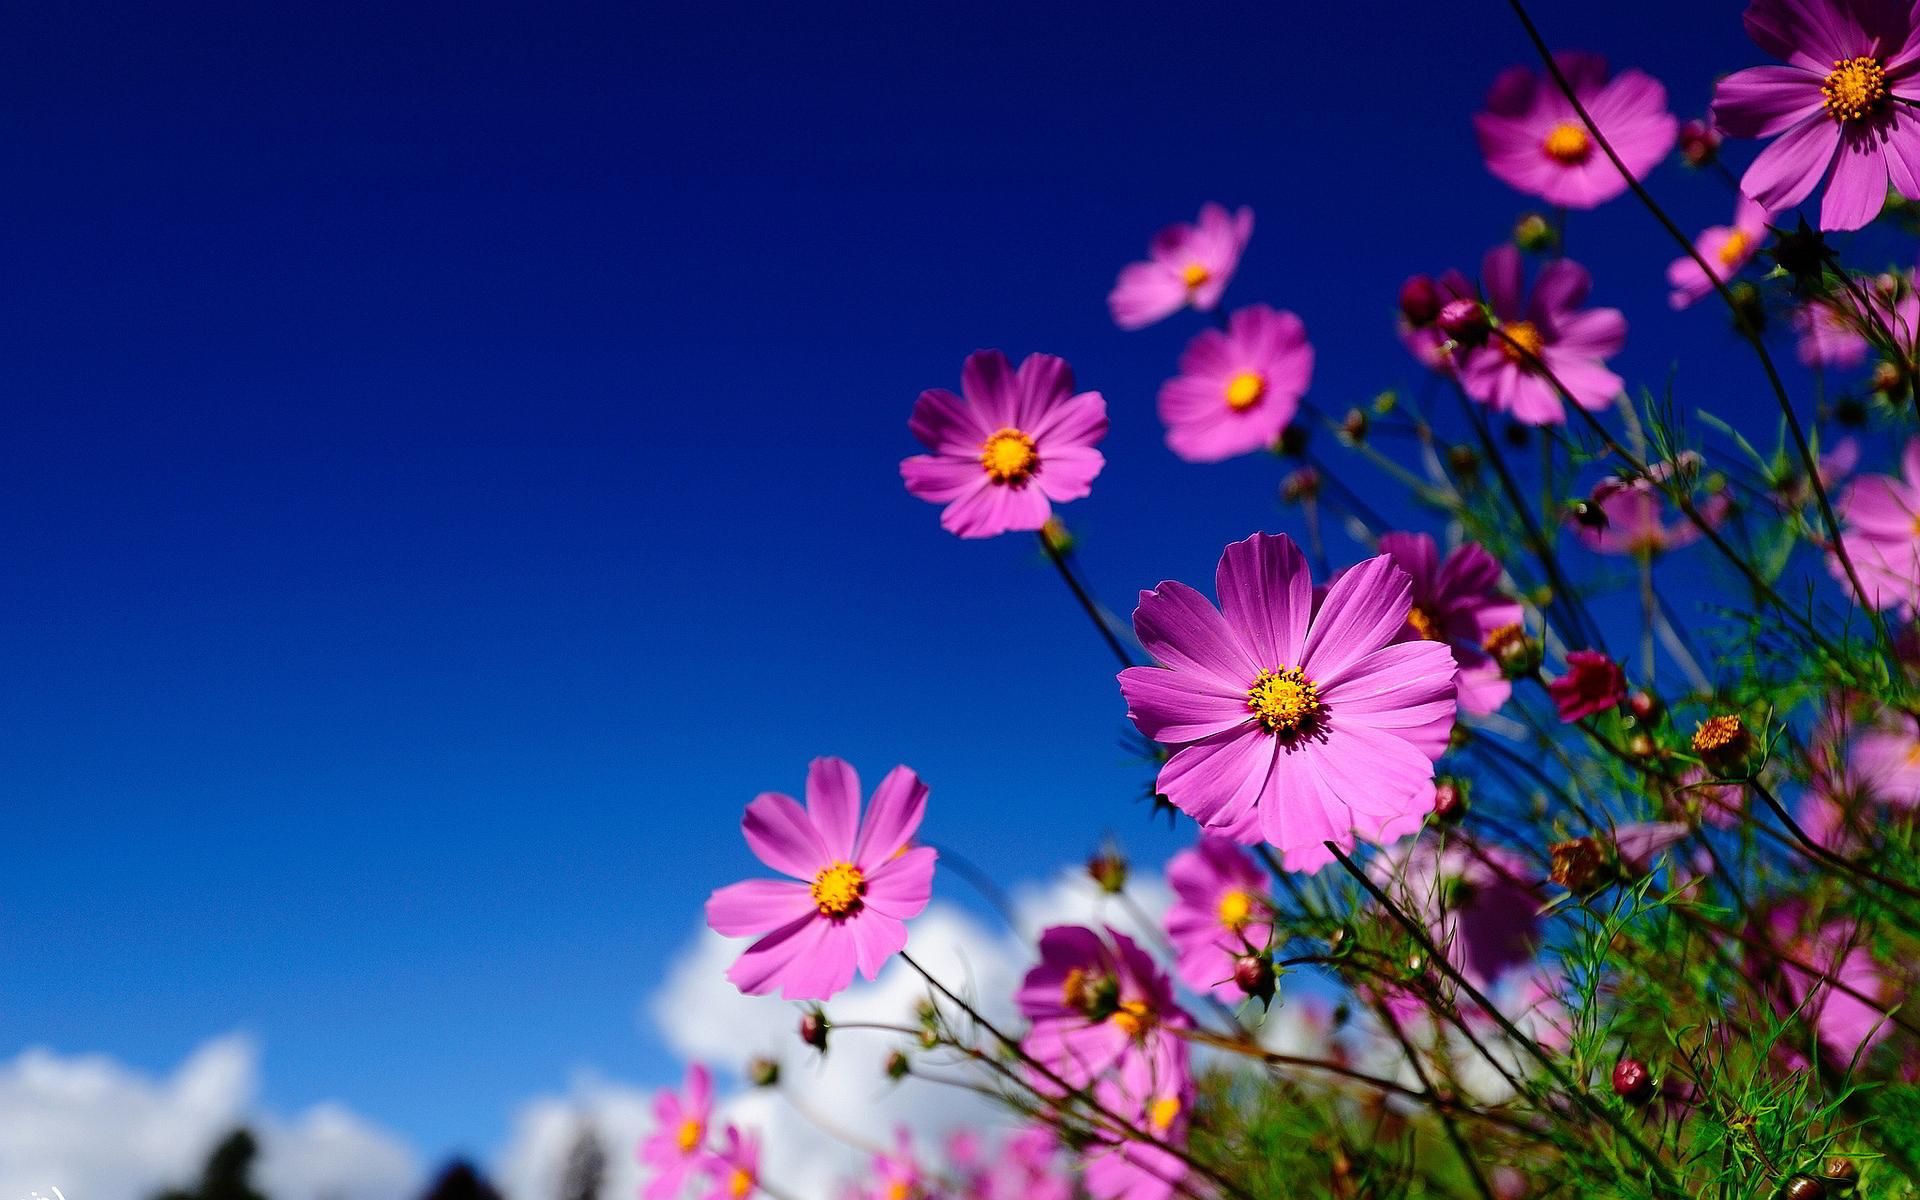 Desktop Backgrounds Summer Flowers - HD Wallpaper